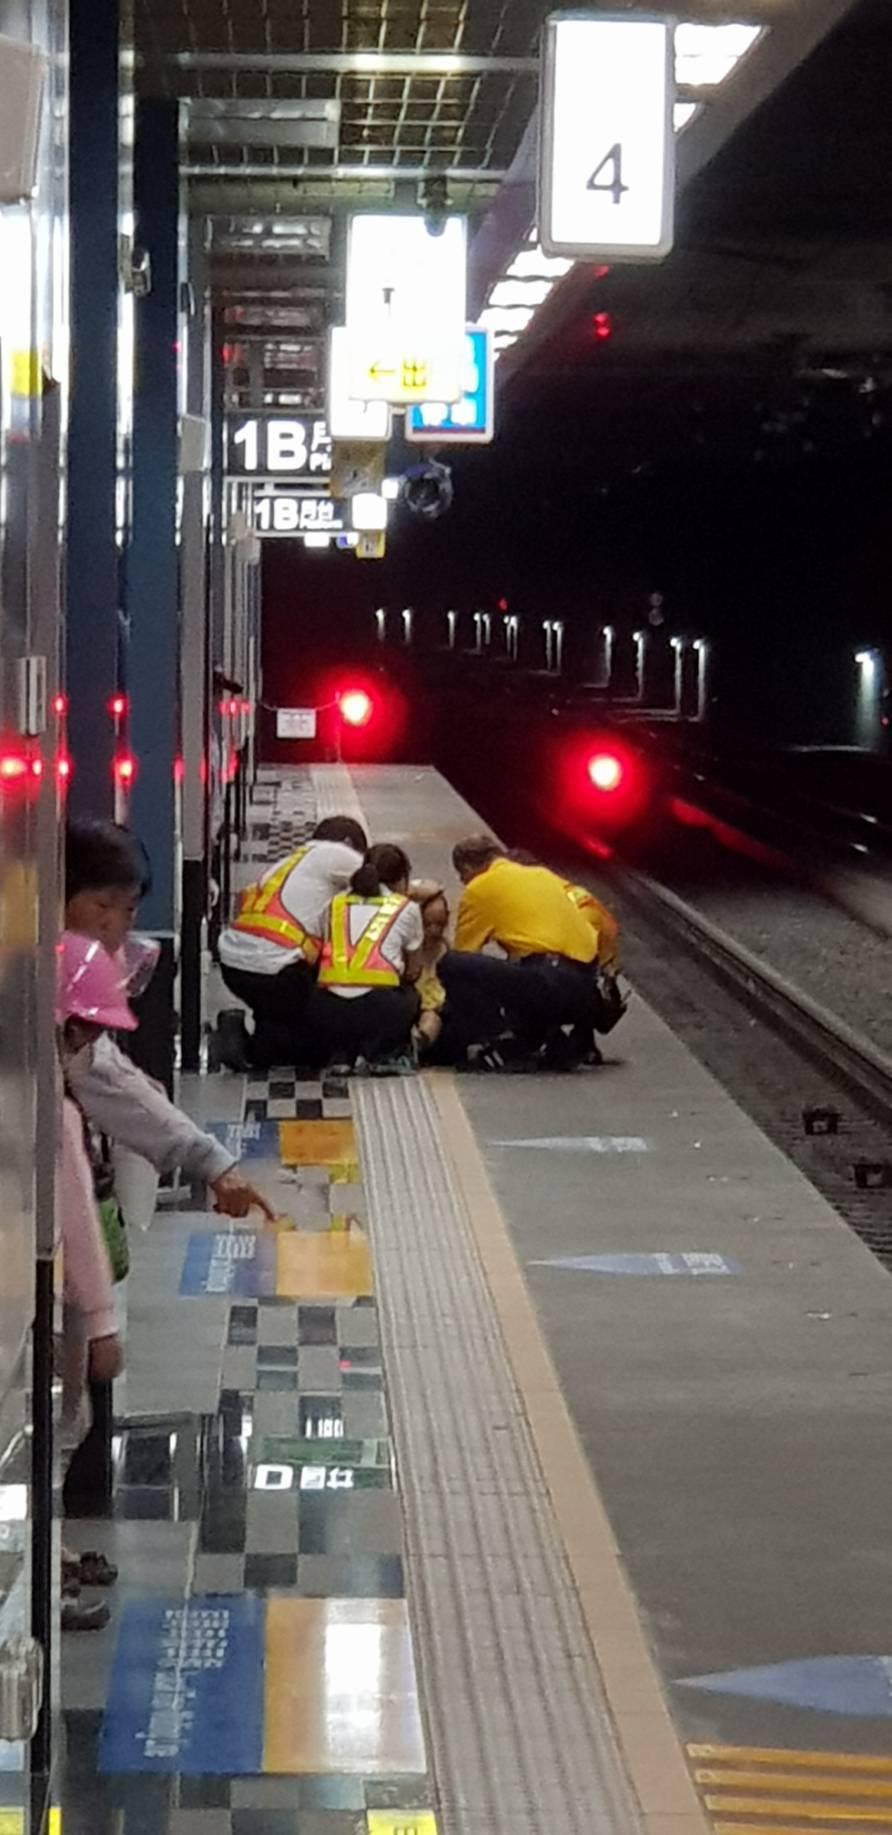 老翁不慎摔落月台,月台人員趕緊將老翁救起。圖/民眾許先生提供